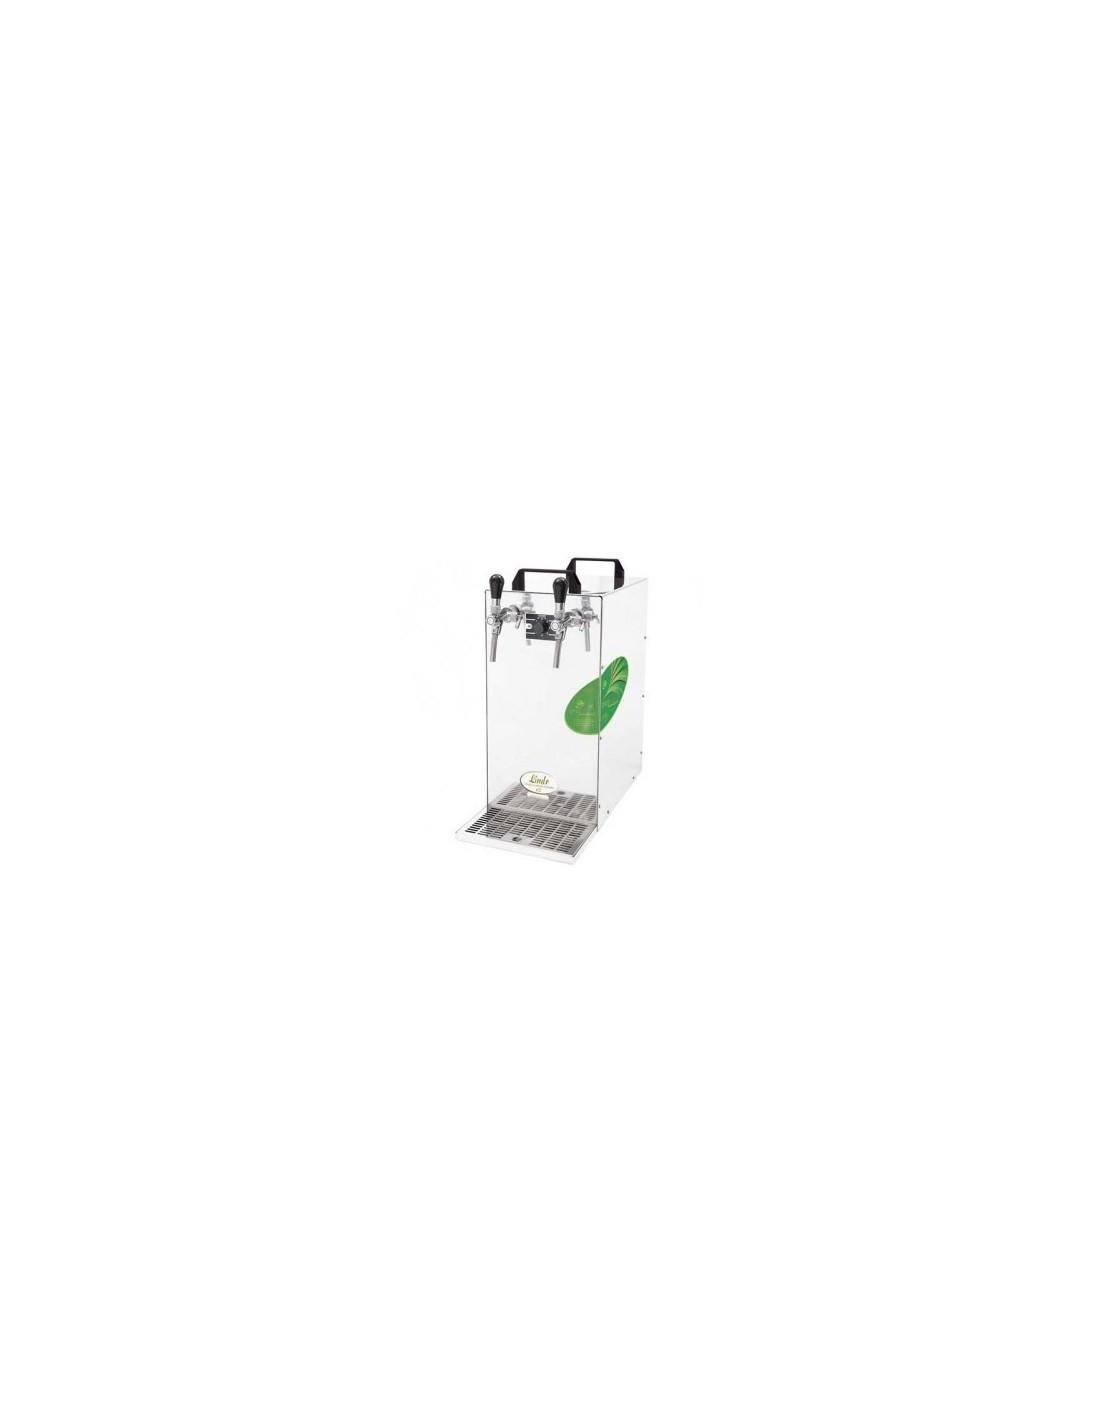 """KCH01462 - Luftkylda fatölskylare - Lindr Kontakt 155/K """"Green Line"""""""